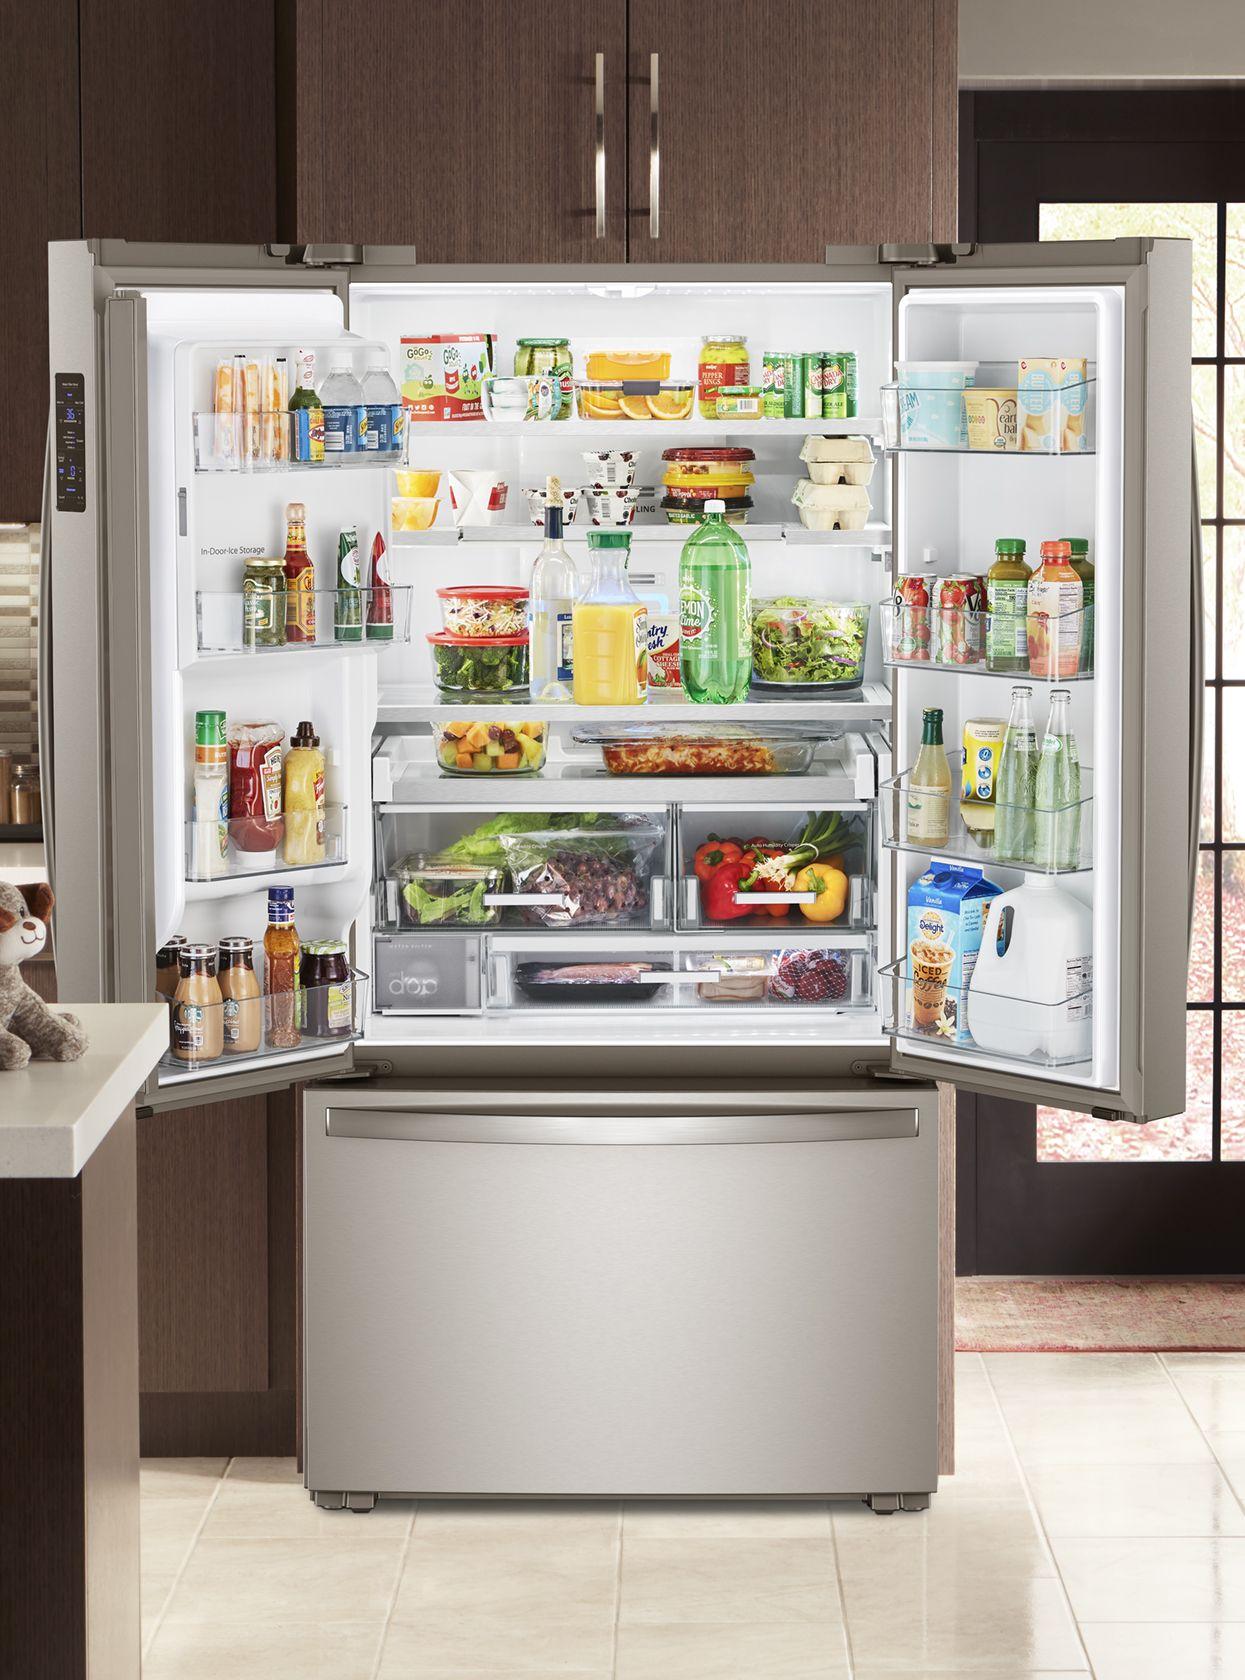 Refrigerators Whirlpool